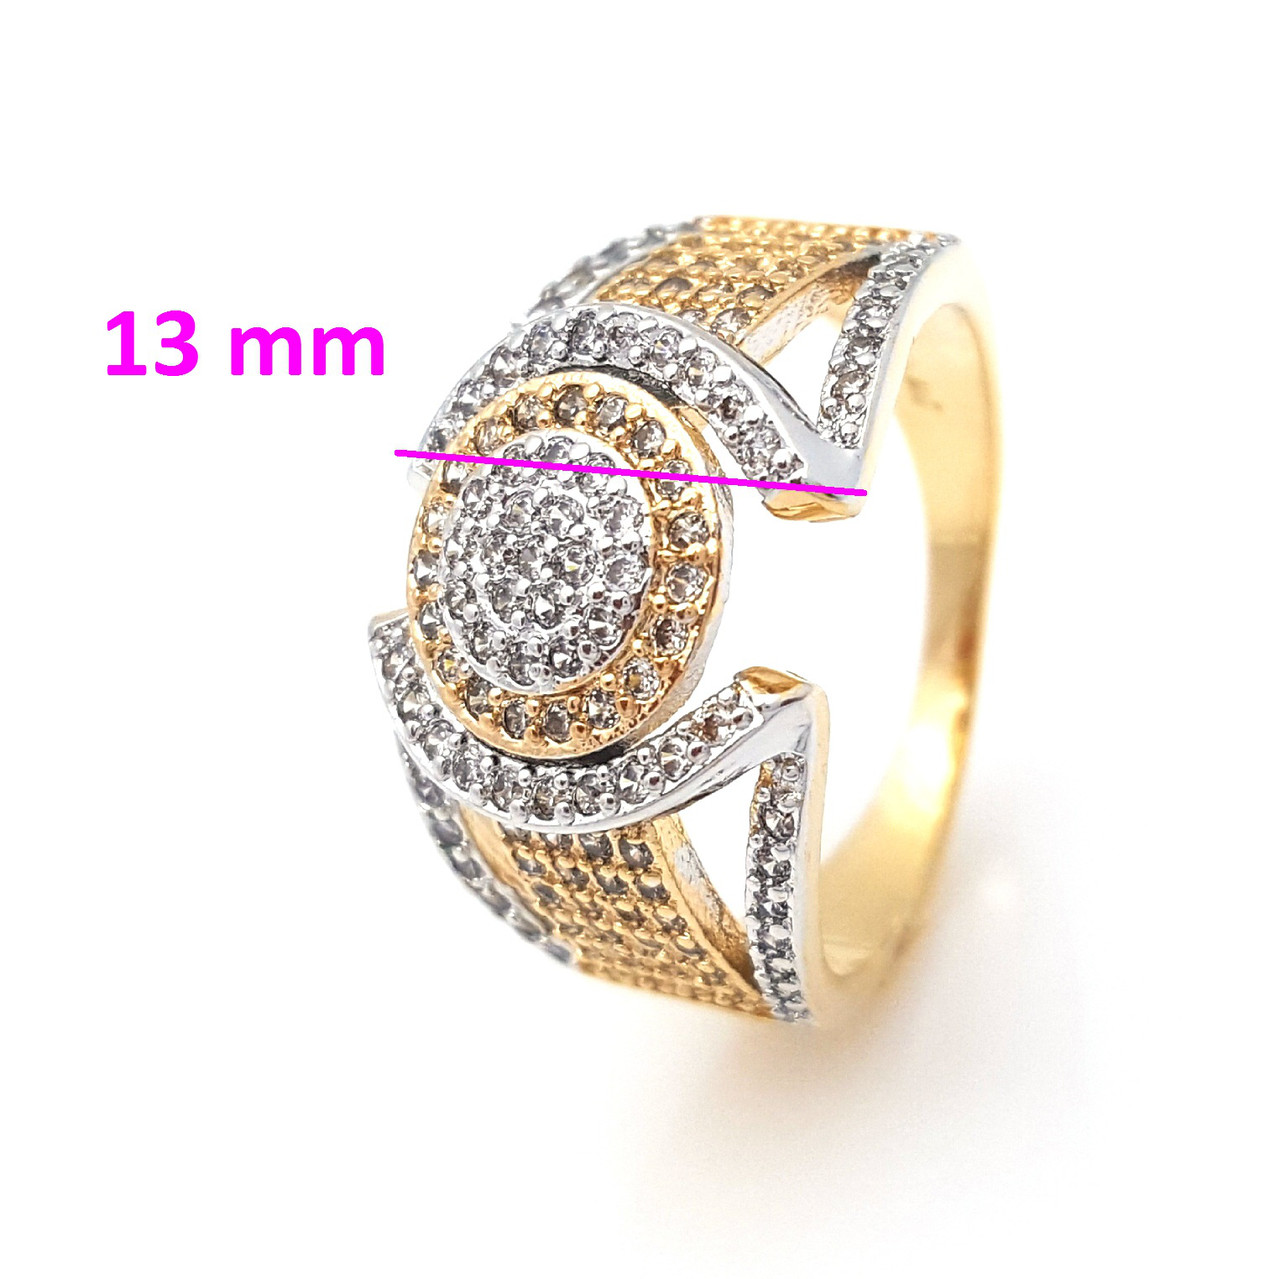 Кольцо позолота, Необычная геометрия, инкрустация цирконием, р.17, р.17,5 позолота+родий